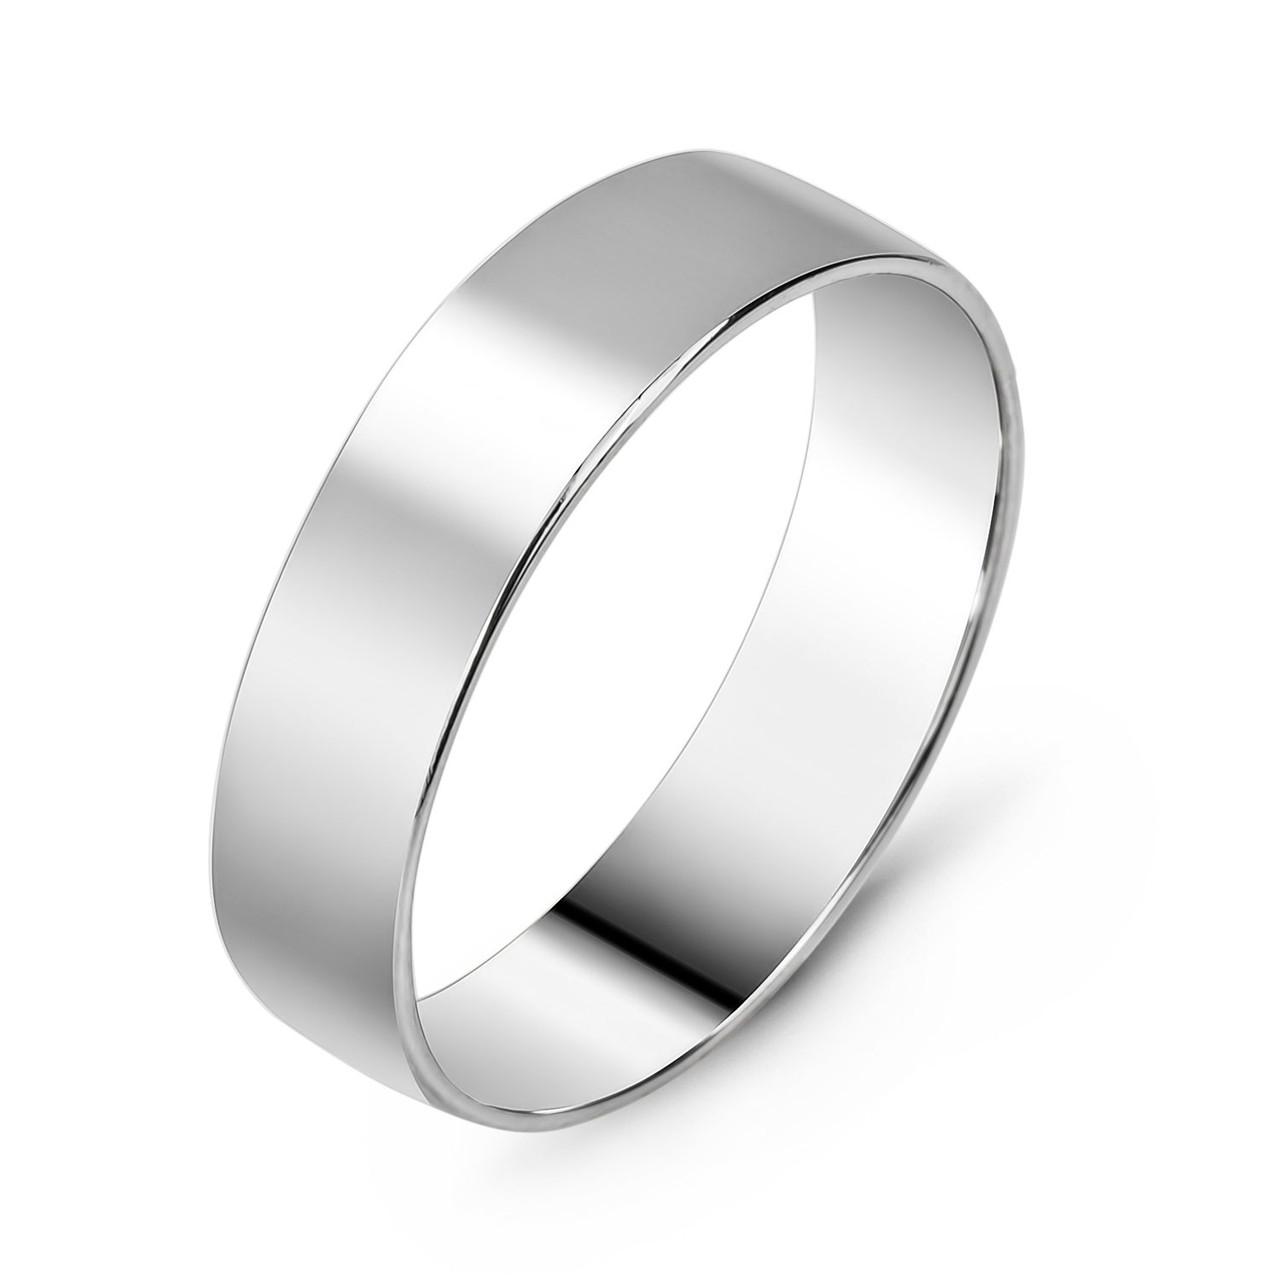 Серебряные обручальные кольца 2.65, 17.5